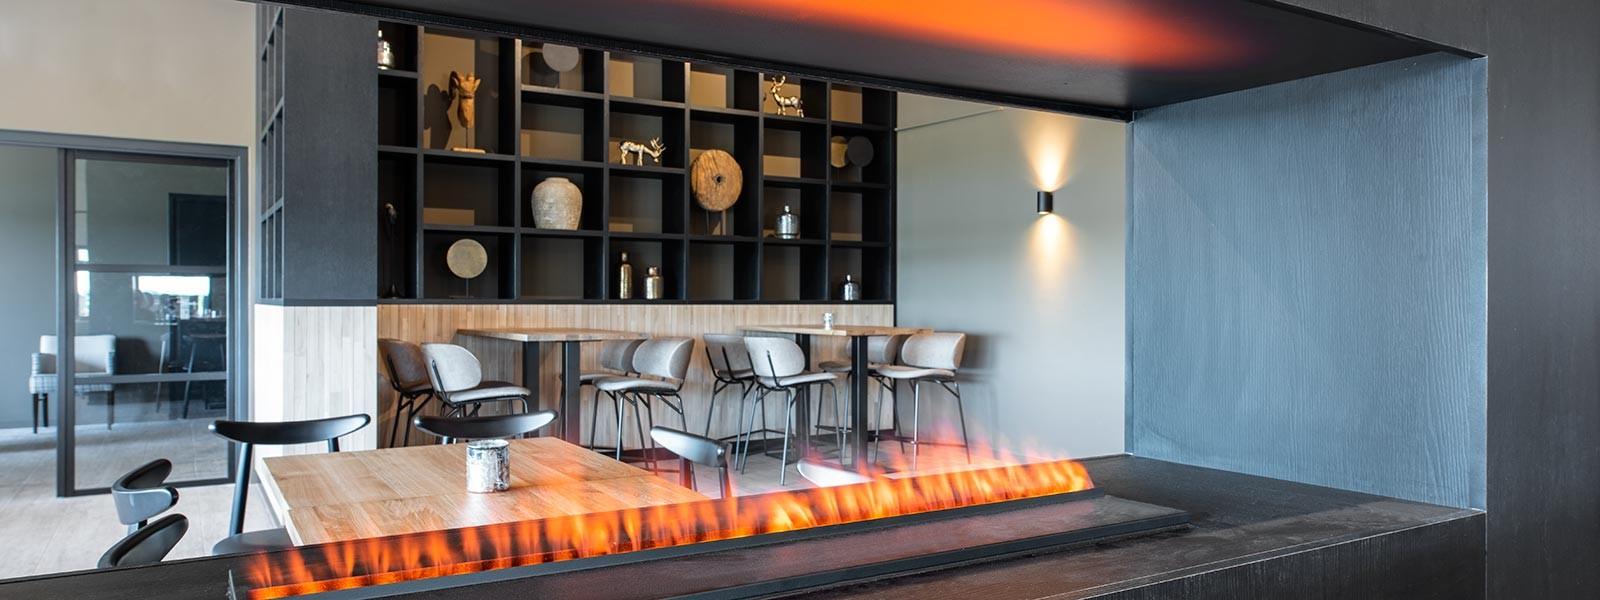 Restaurant Binnenmaas, Mijnsheerenland